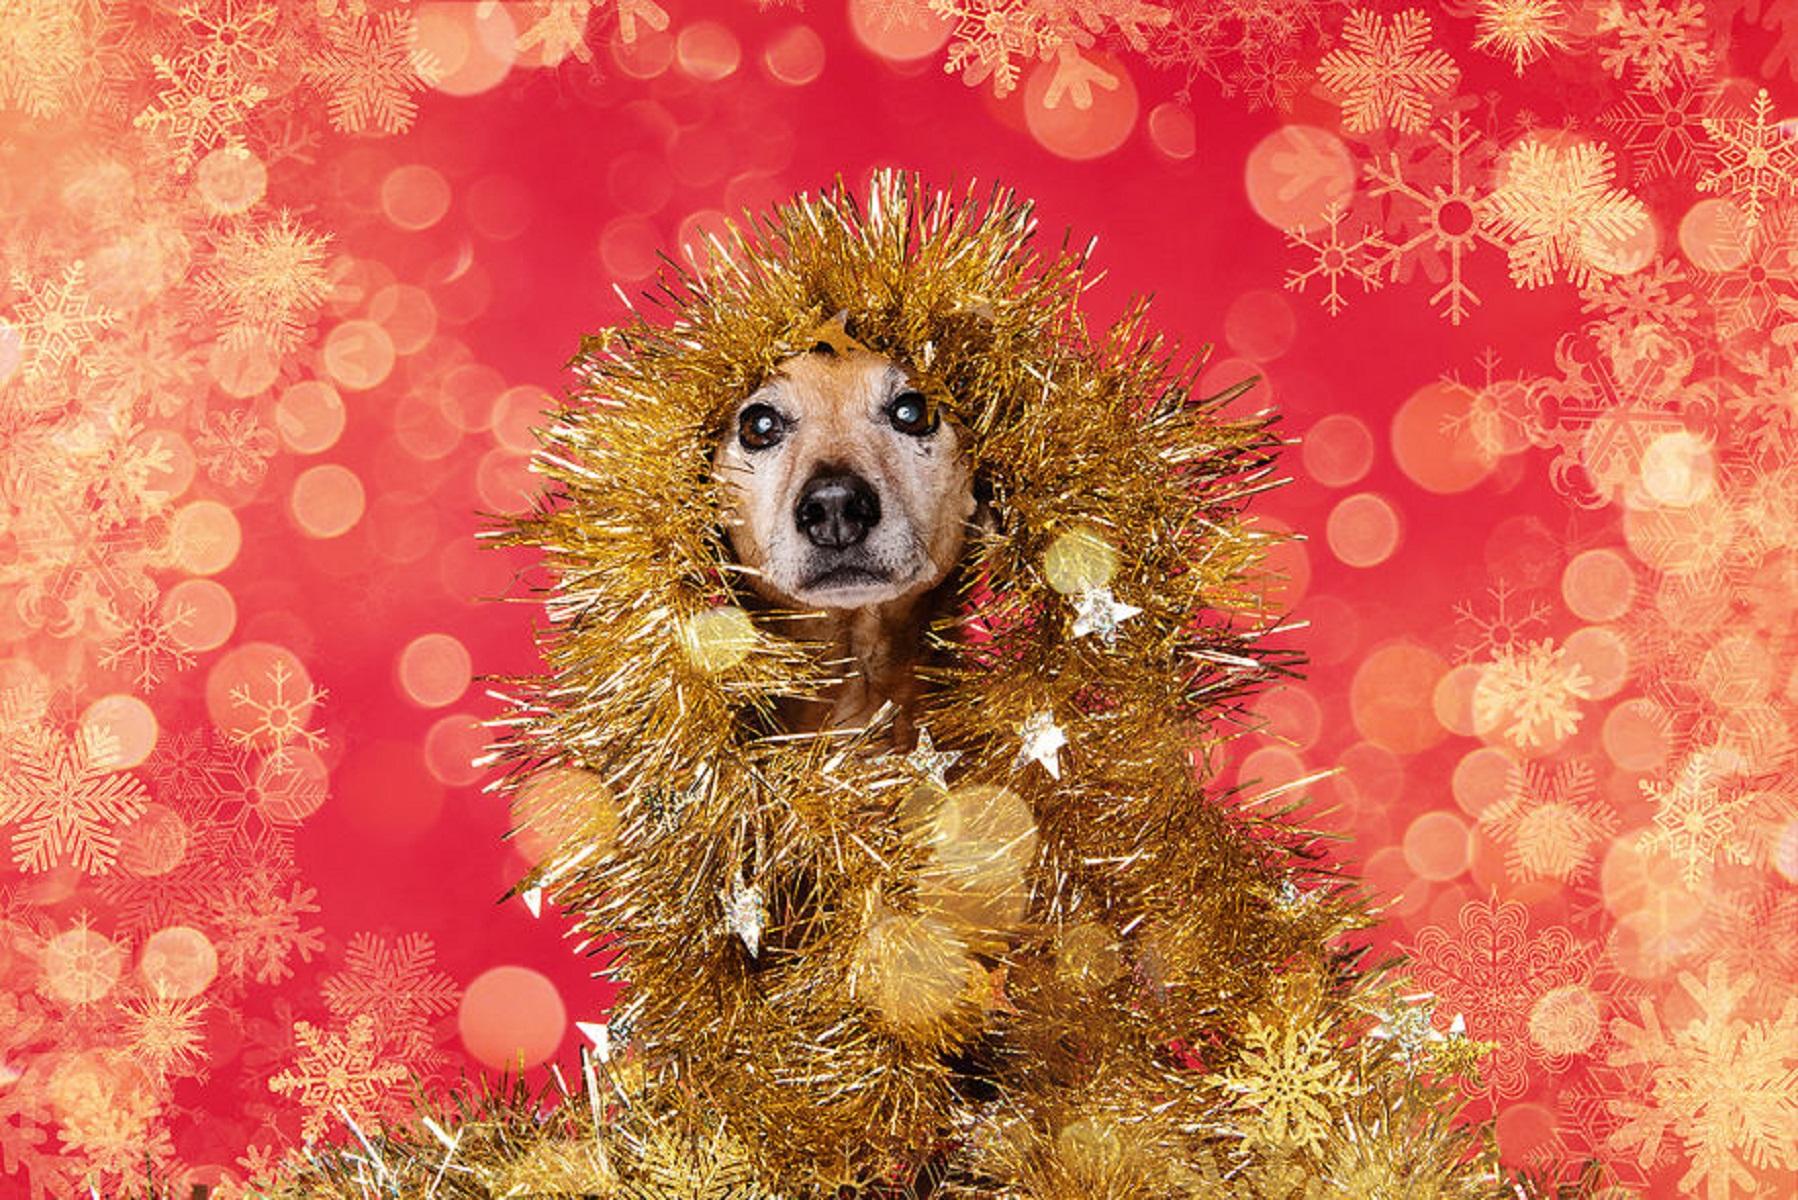 12 caes do Natal essa sessao de fotos natalinas vai te ajudar a entrar no espirito natalino 11